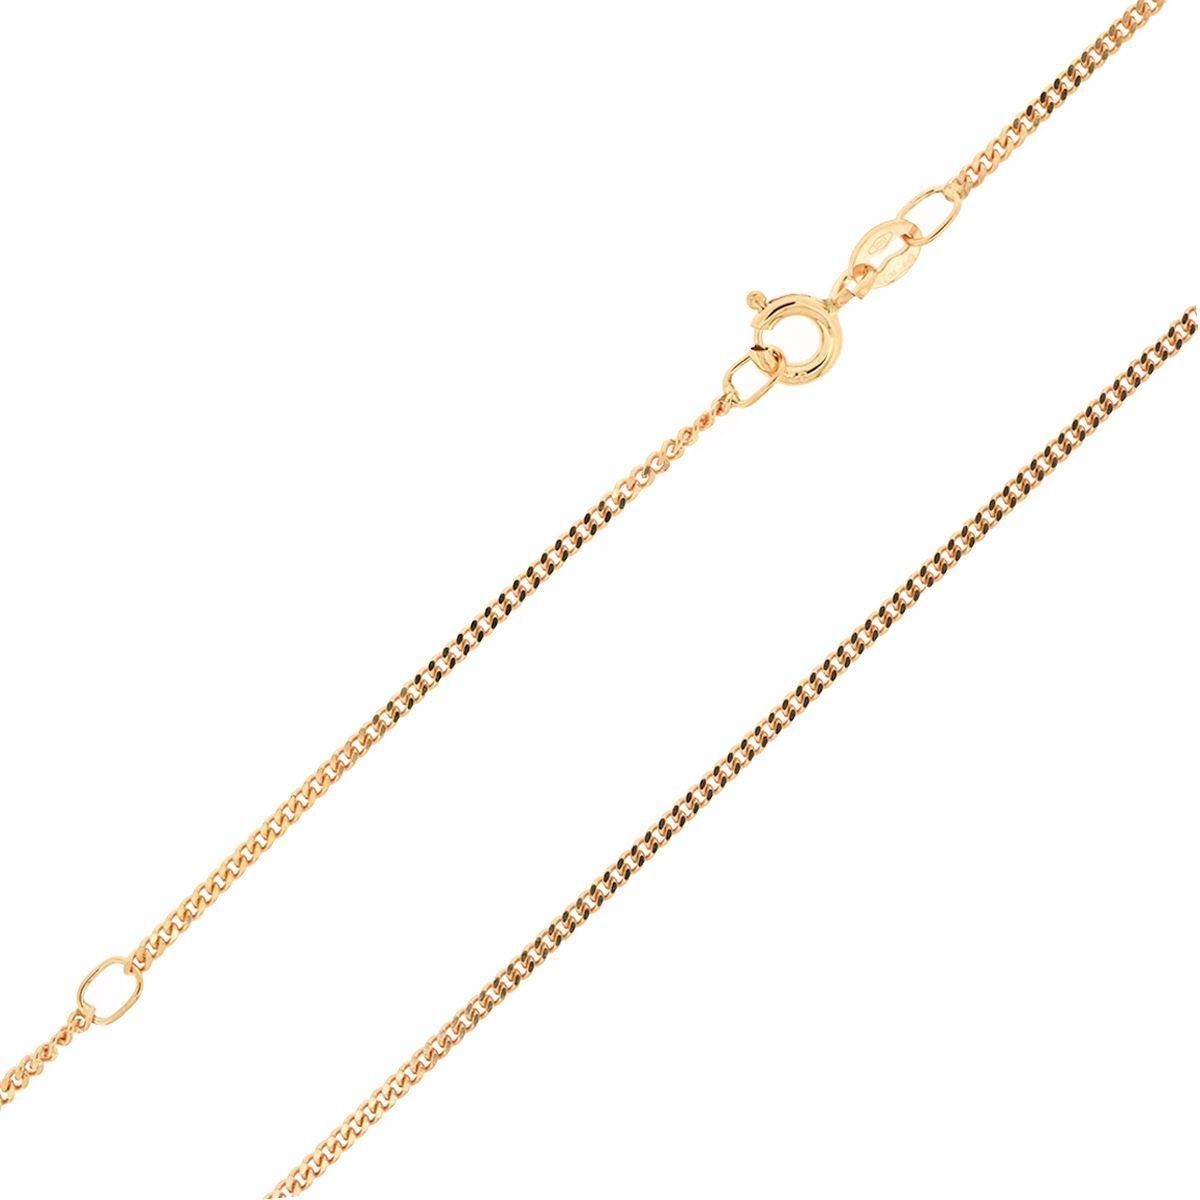 NUOVO gioielli gioielli gioielli 20 pollici solido 9 Carati oro rosa Catena Cordolo COLLANA 2 7 G 354240